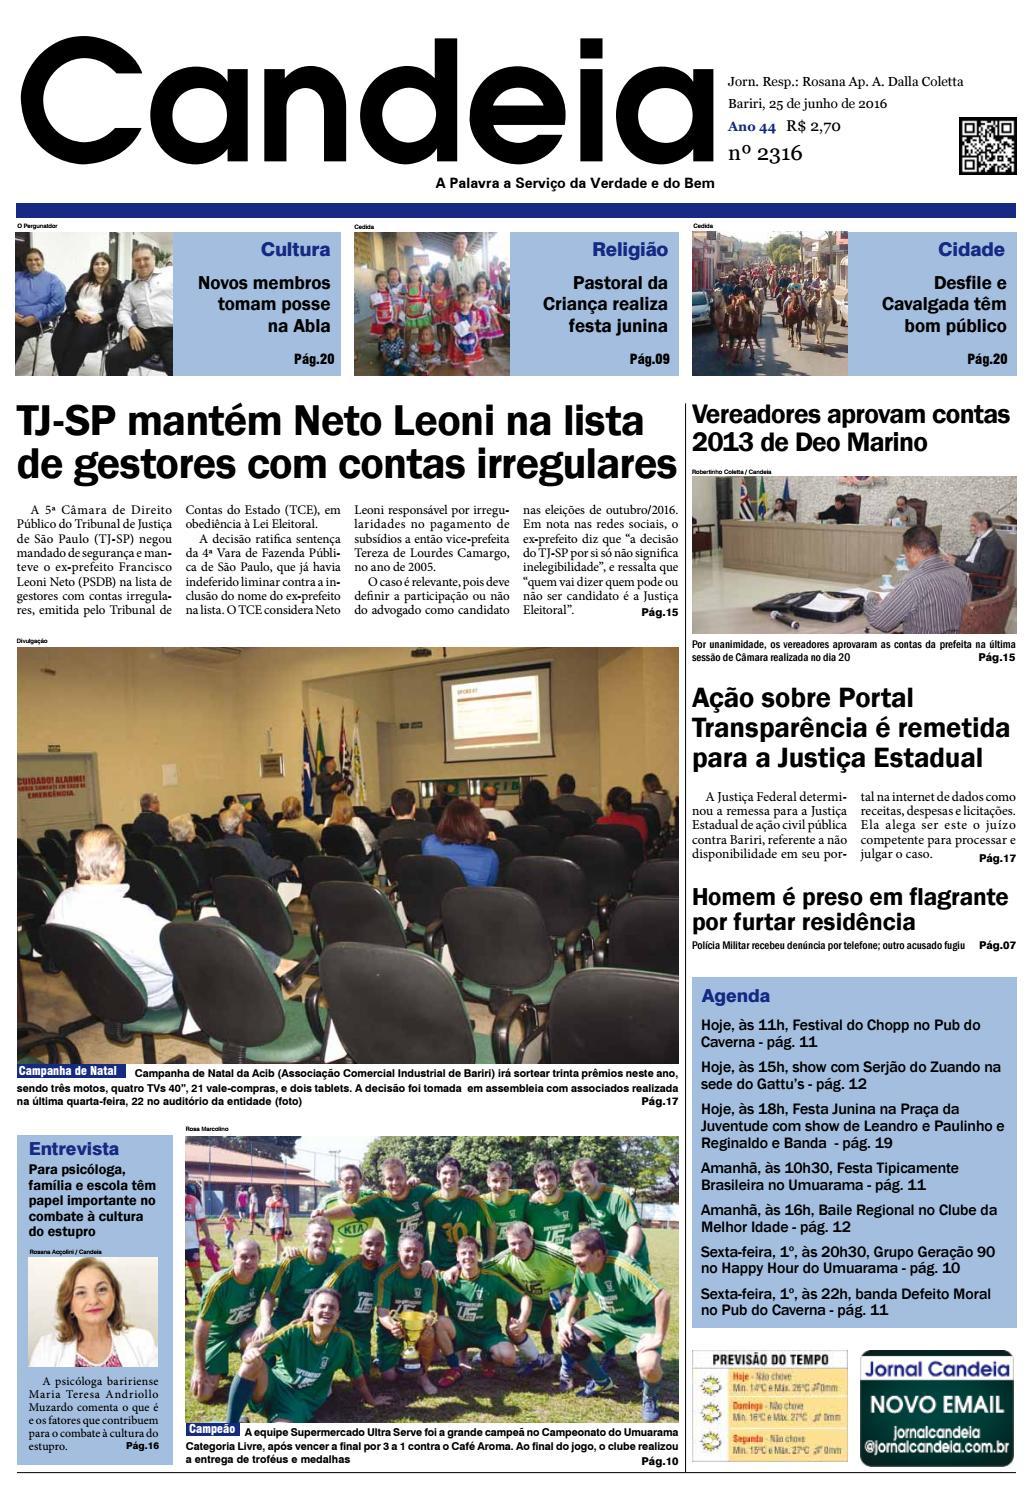 ad2d029937e Jornal candeia 25 06 2016 by Jornal Candeia - issuu